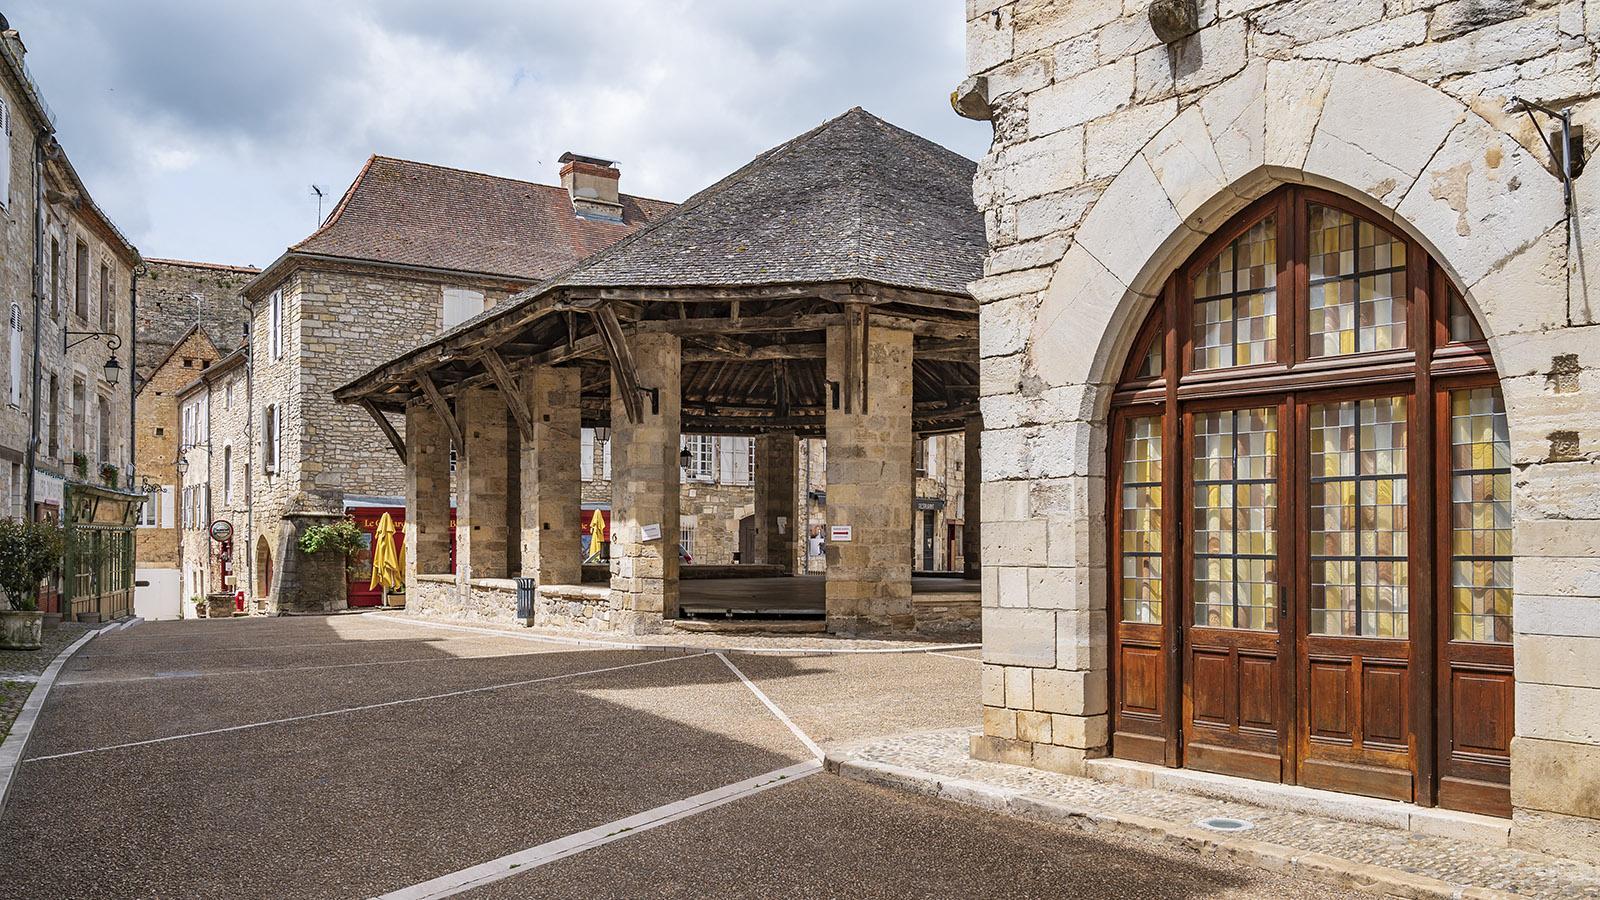 Das historische Herz von Martel bildet die <em>Place de la Halle</em> mit Markthalle, Rathaus und mehreren Lokalen. Foto: Hilke Maunder